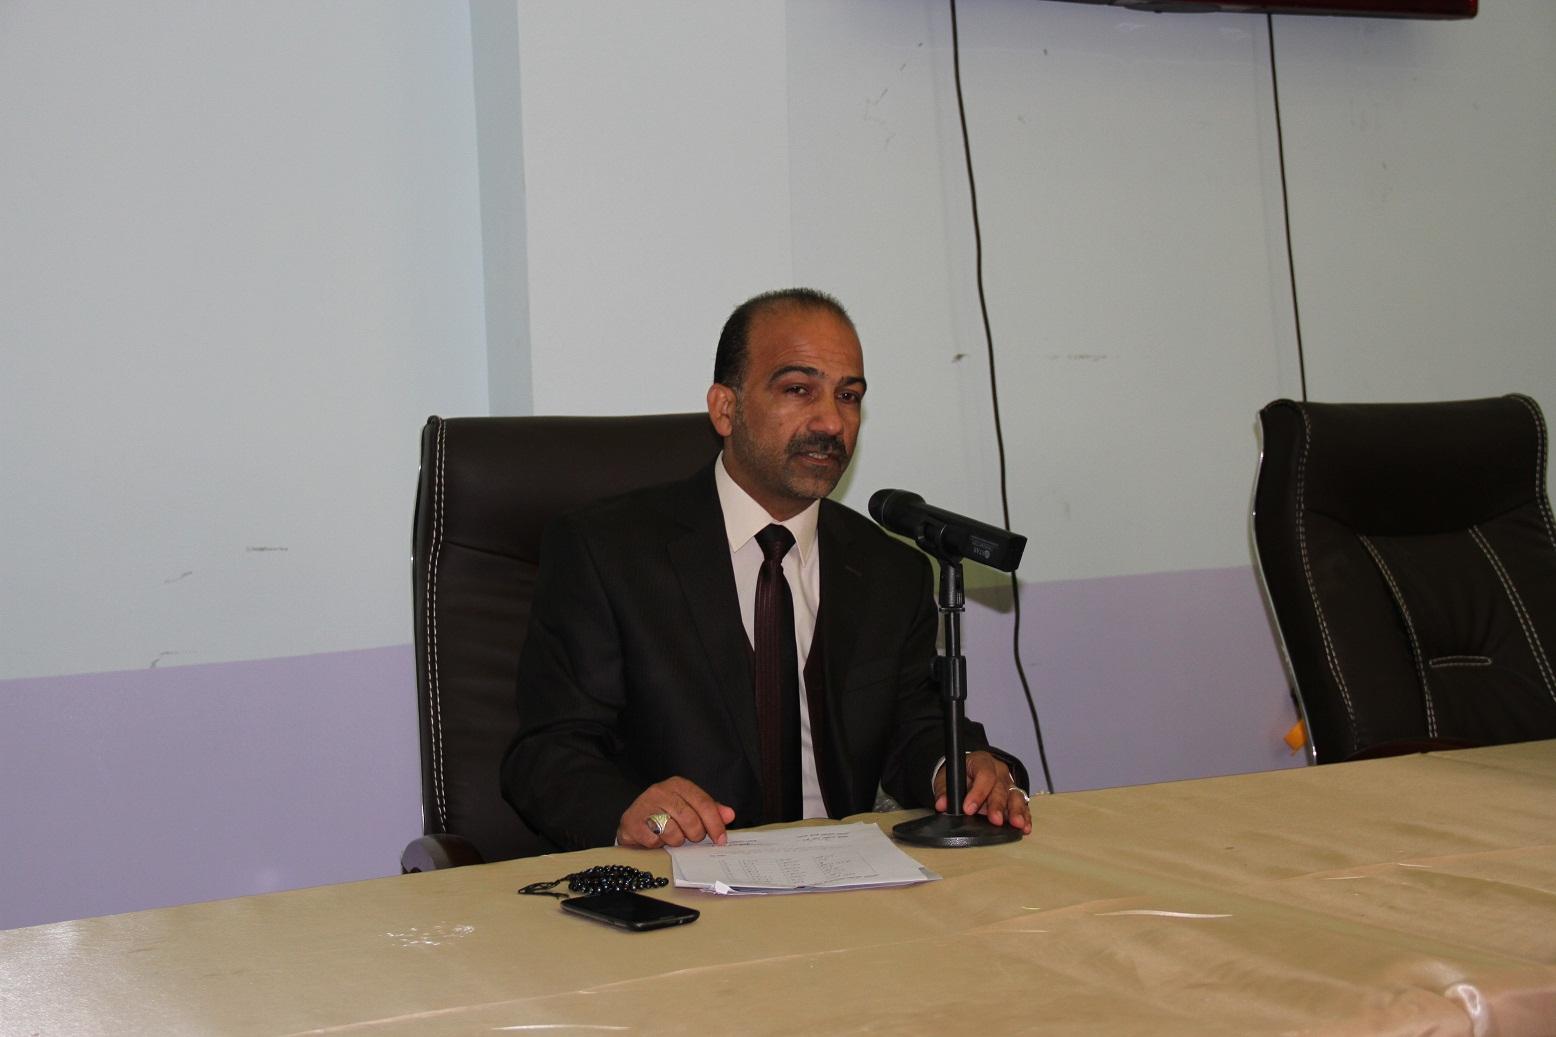 السيد عميد الكلية يجتمع مع السادة التدريسيين في الكلية